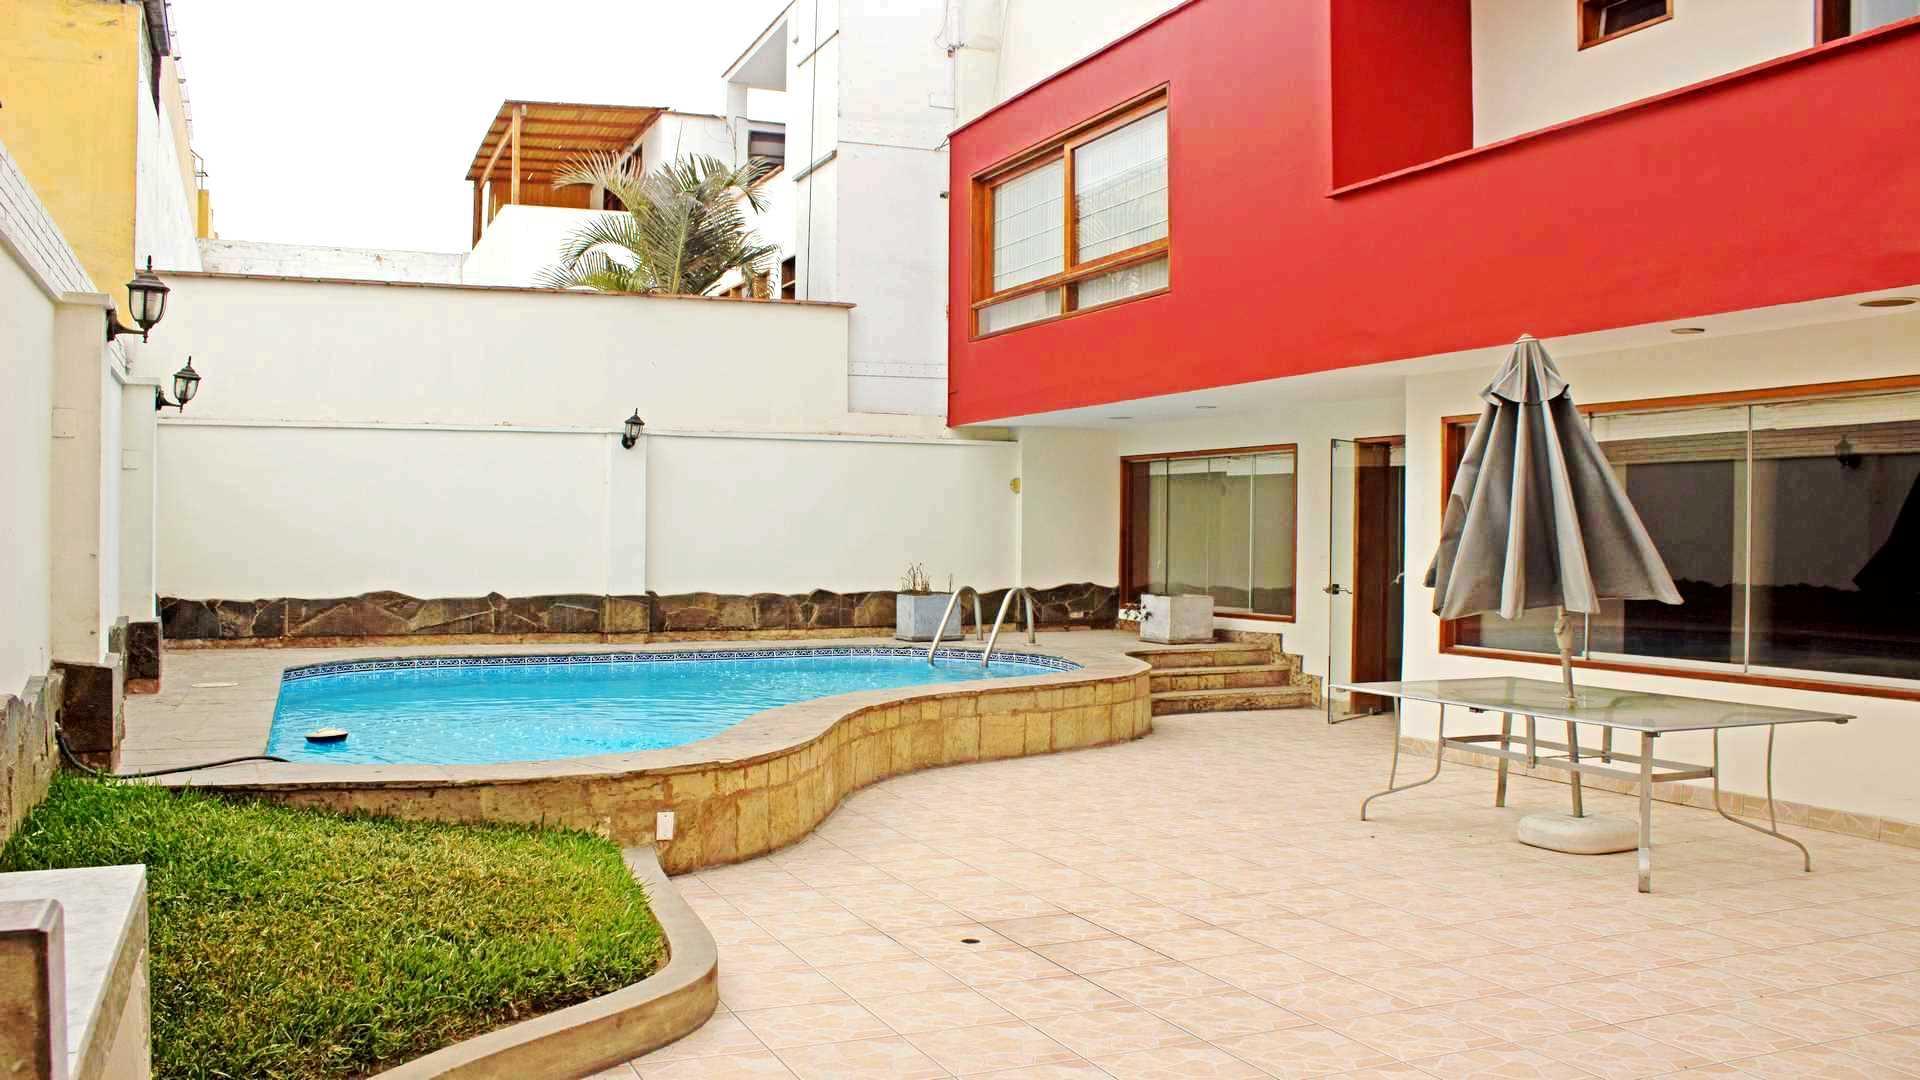 Hermosa casa con piscina en Urb Aurora